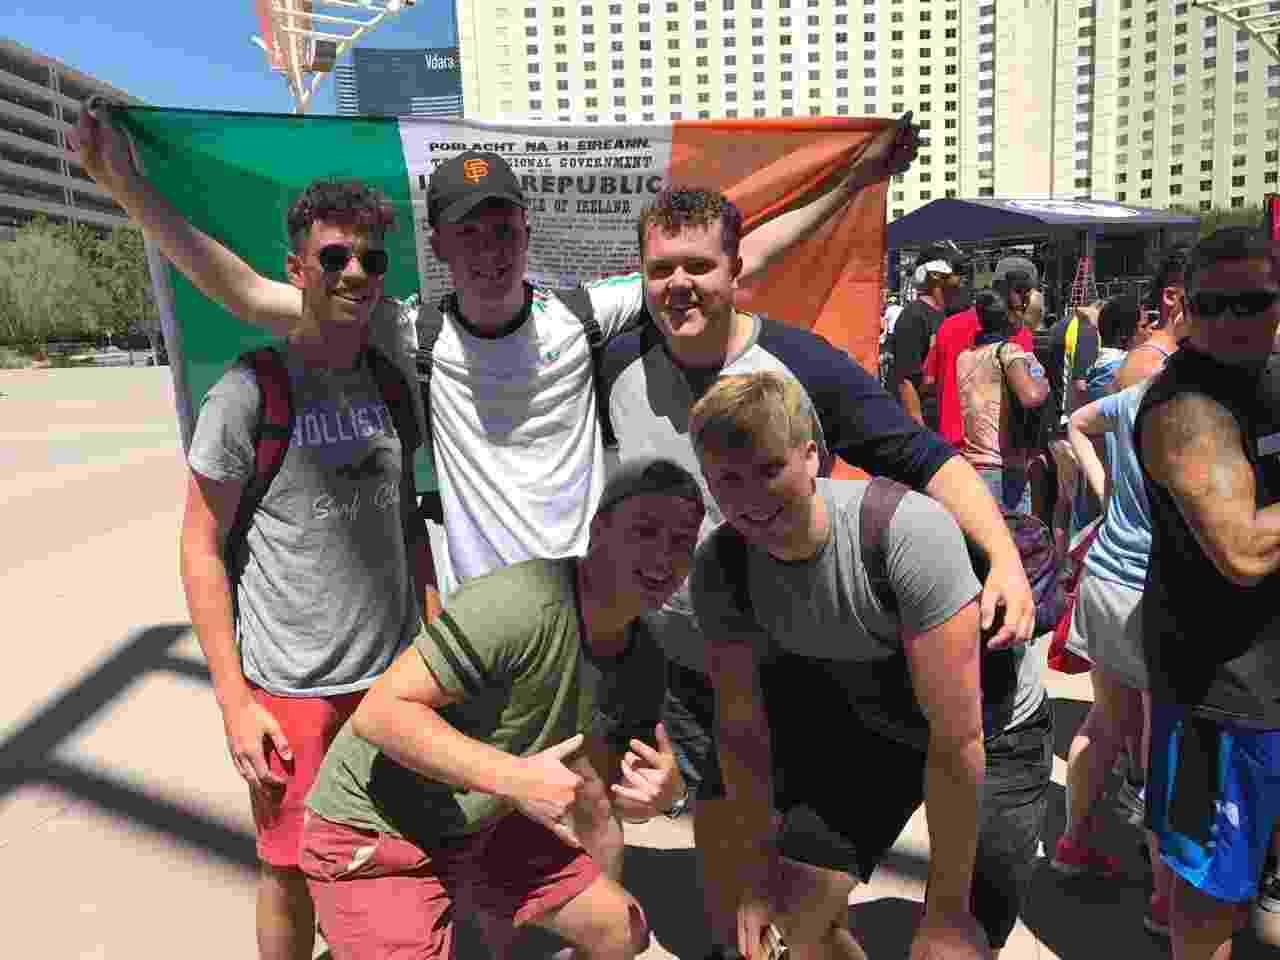 Torcedores irlandeses já estão em Las Vegas para torcer por Conor McGregor - Jorge Corrêa/UOL